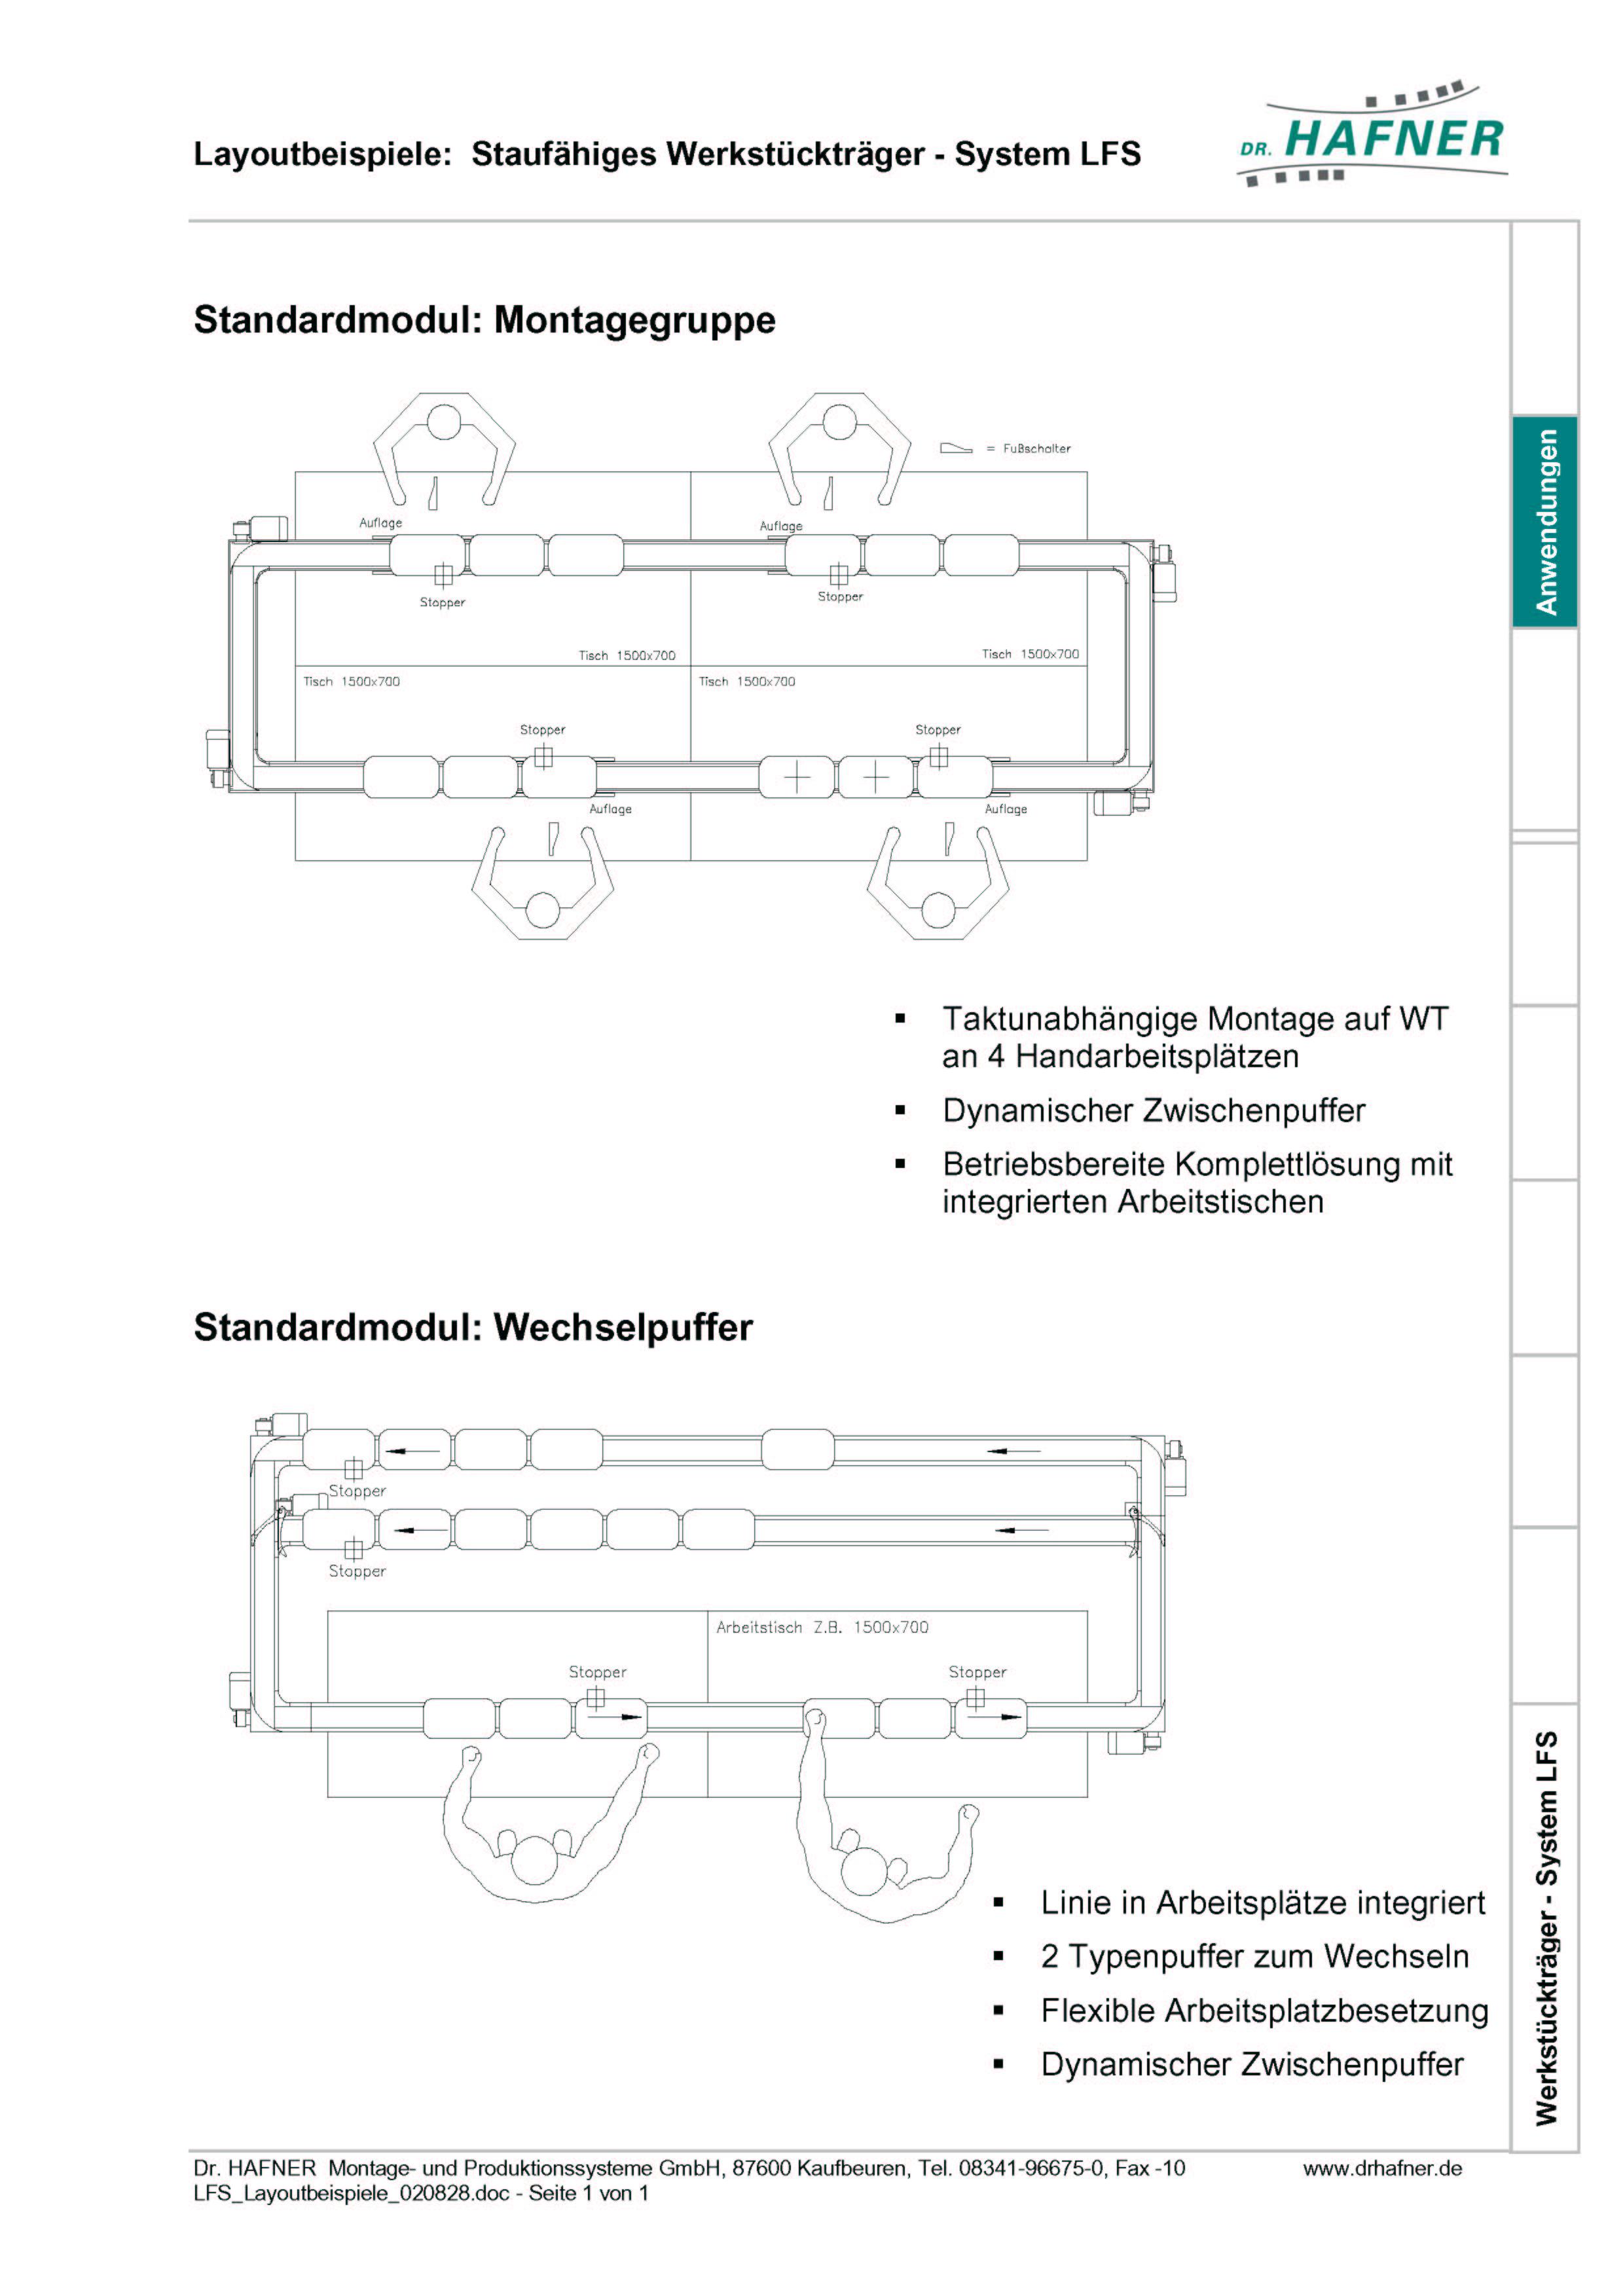 Dr. HAFNER_PKWP_32 Layout Montagegruppe Wechselpuffer Werkstückträger